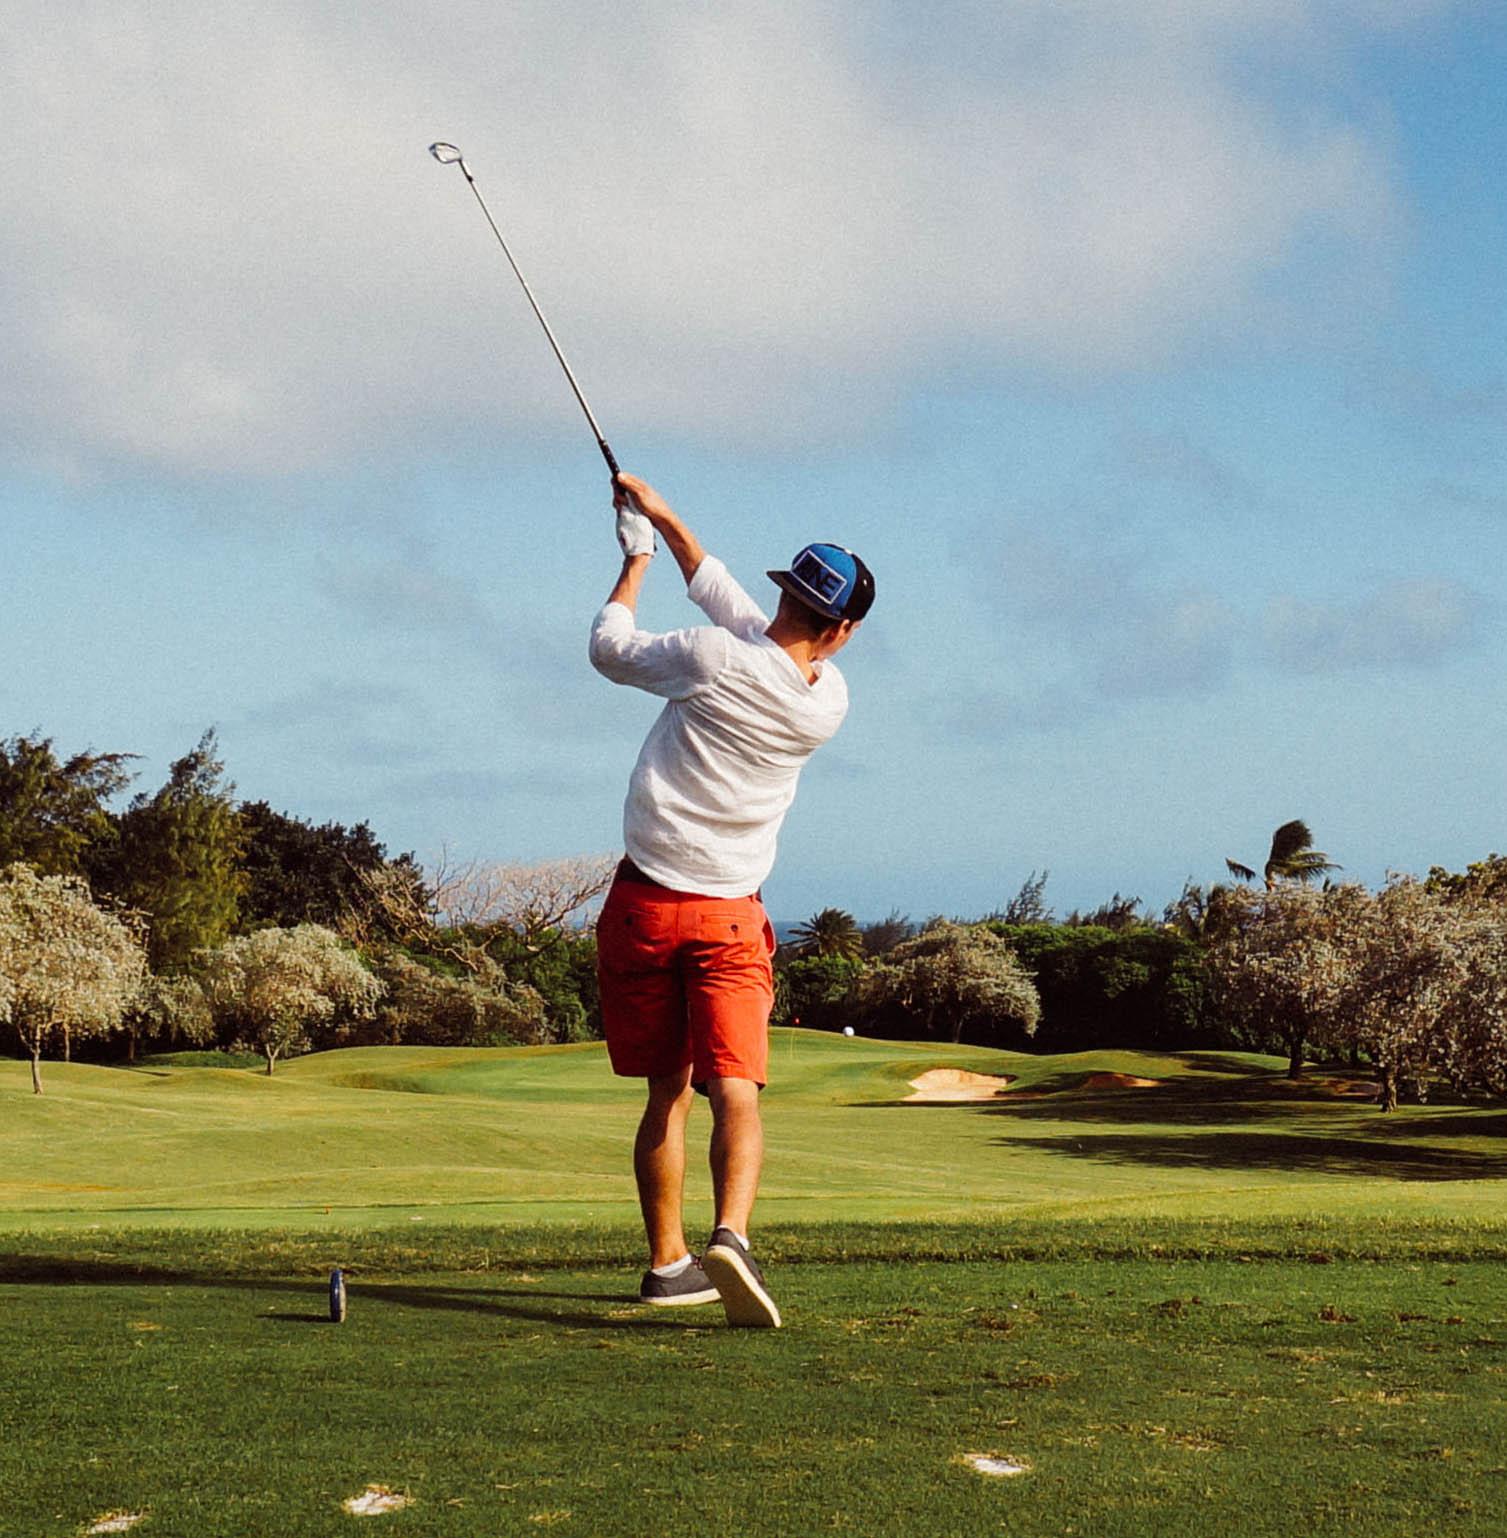 golfer-on-tee